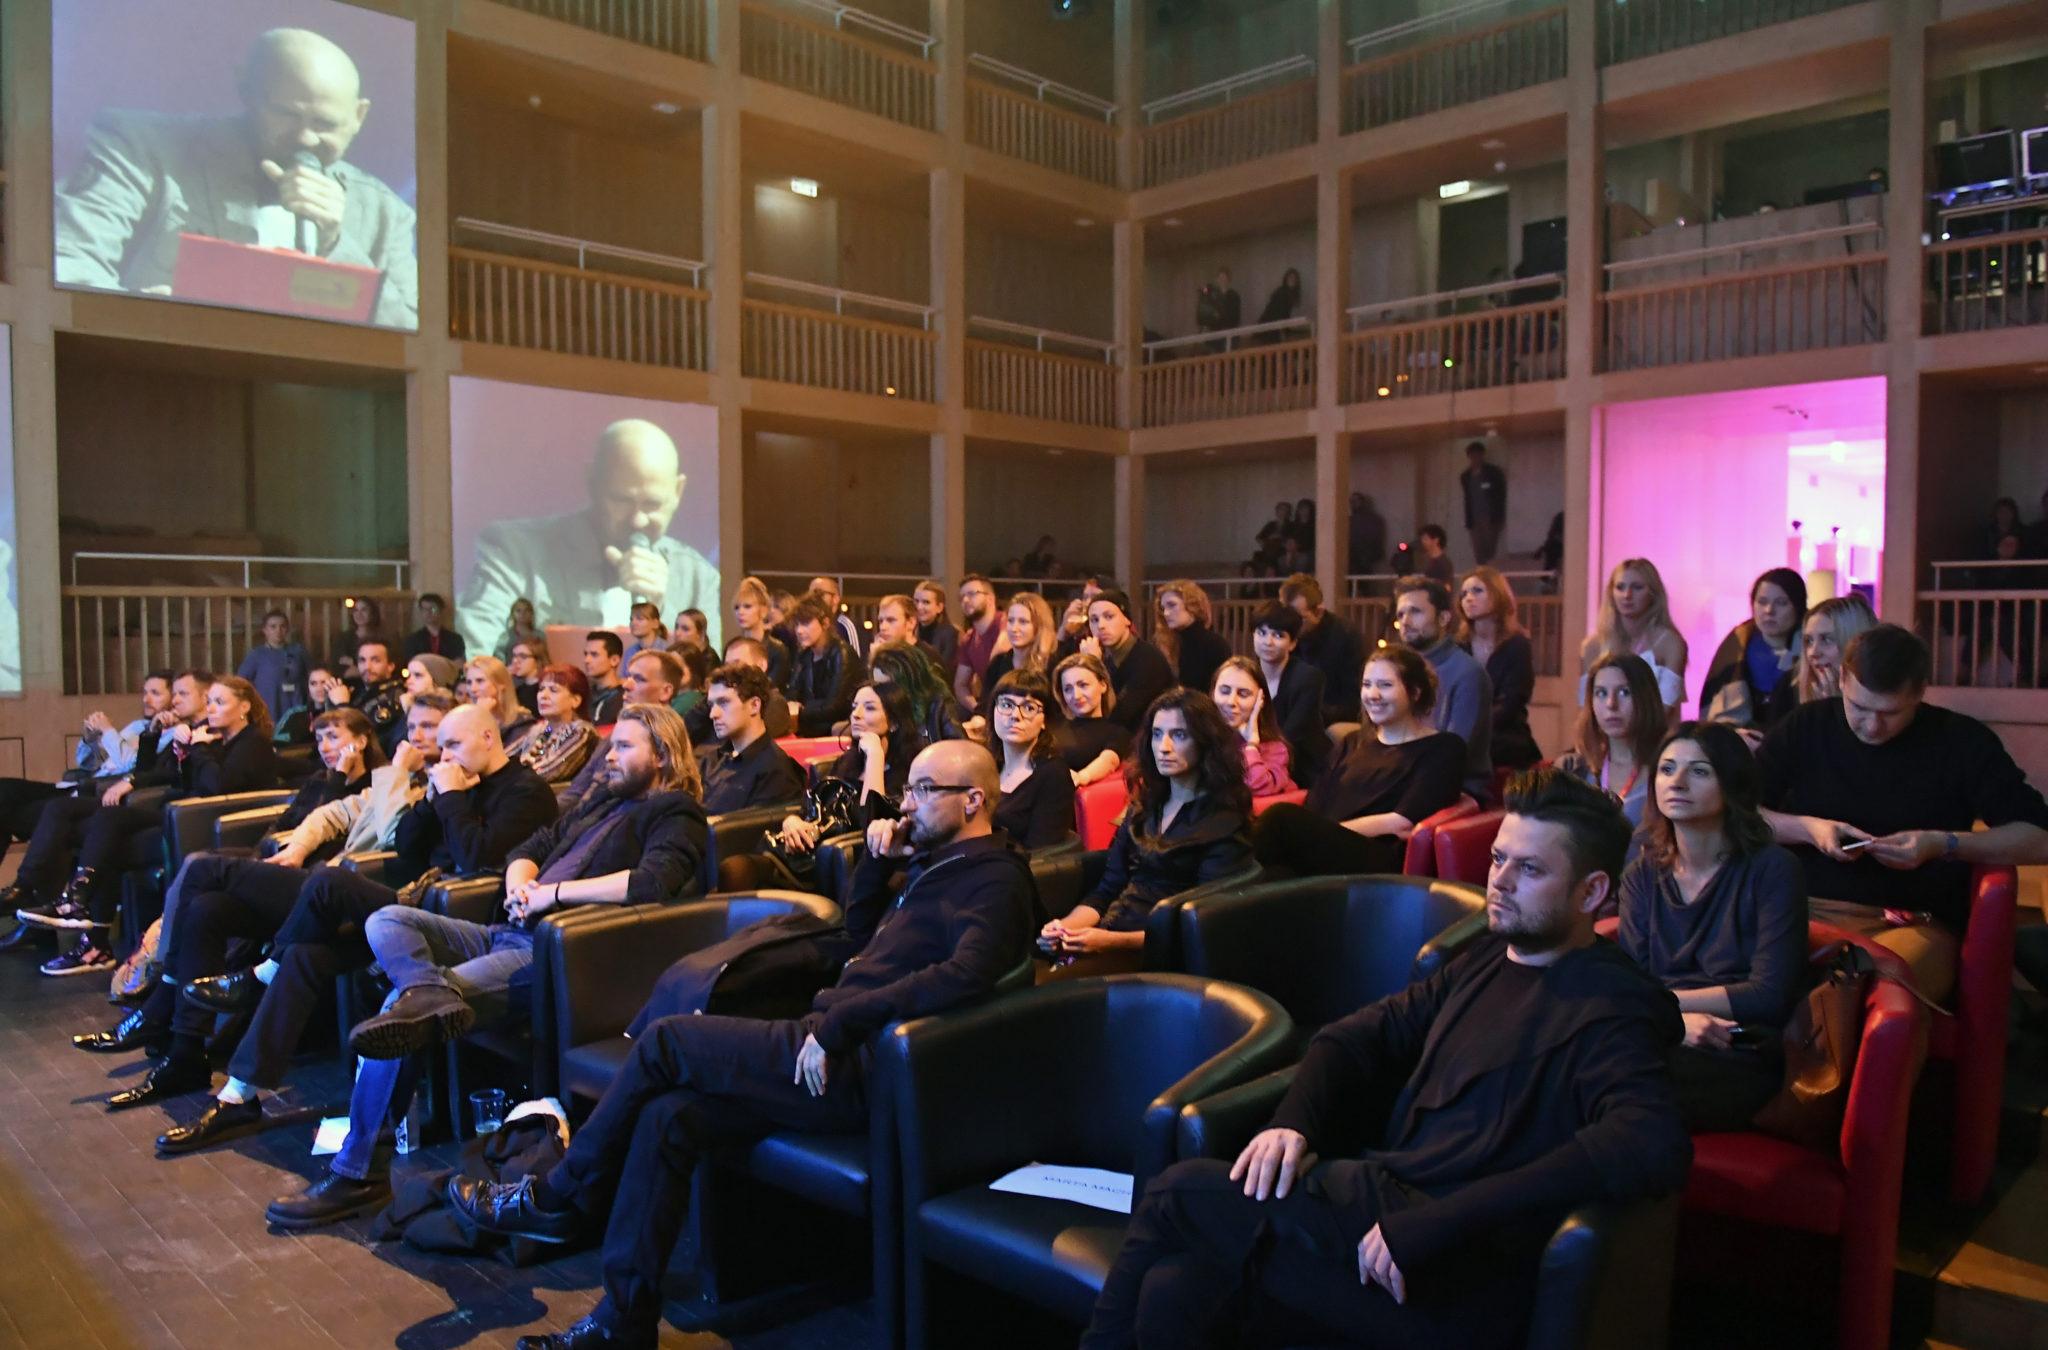 Sala wypełniona ludźmi siedzącymi na fotelach